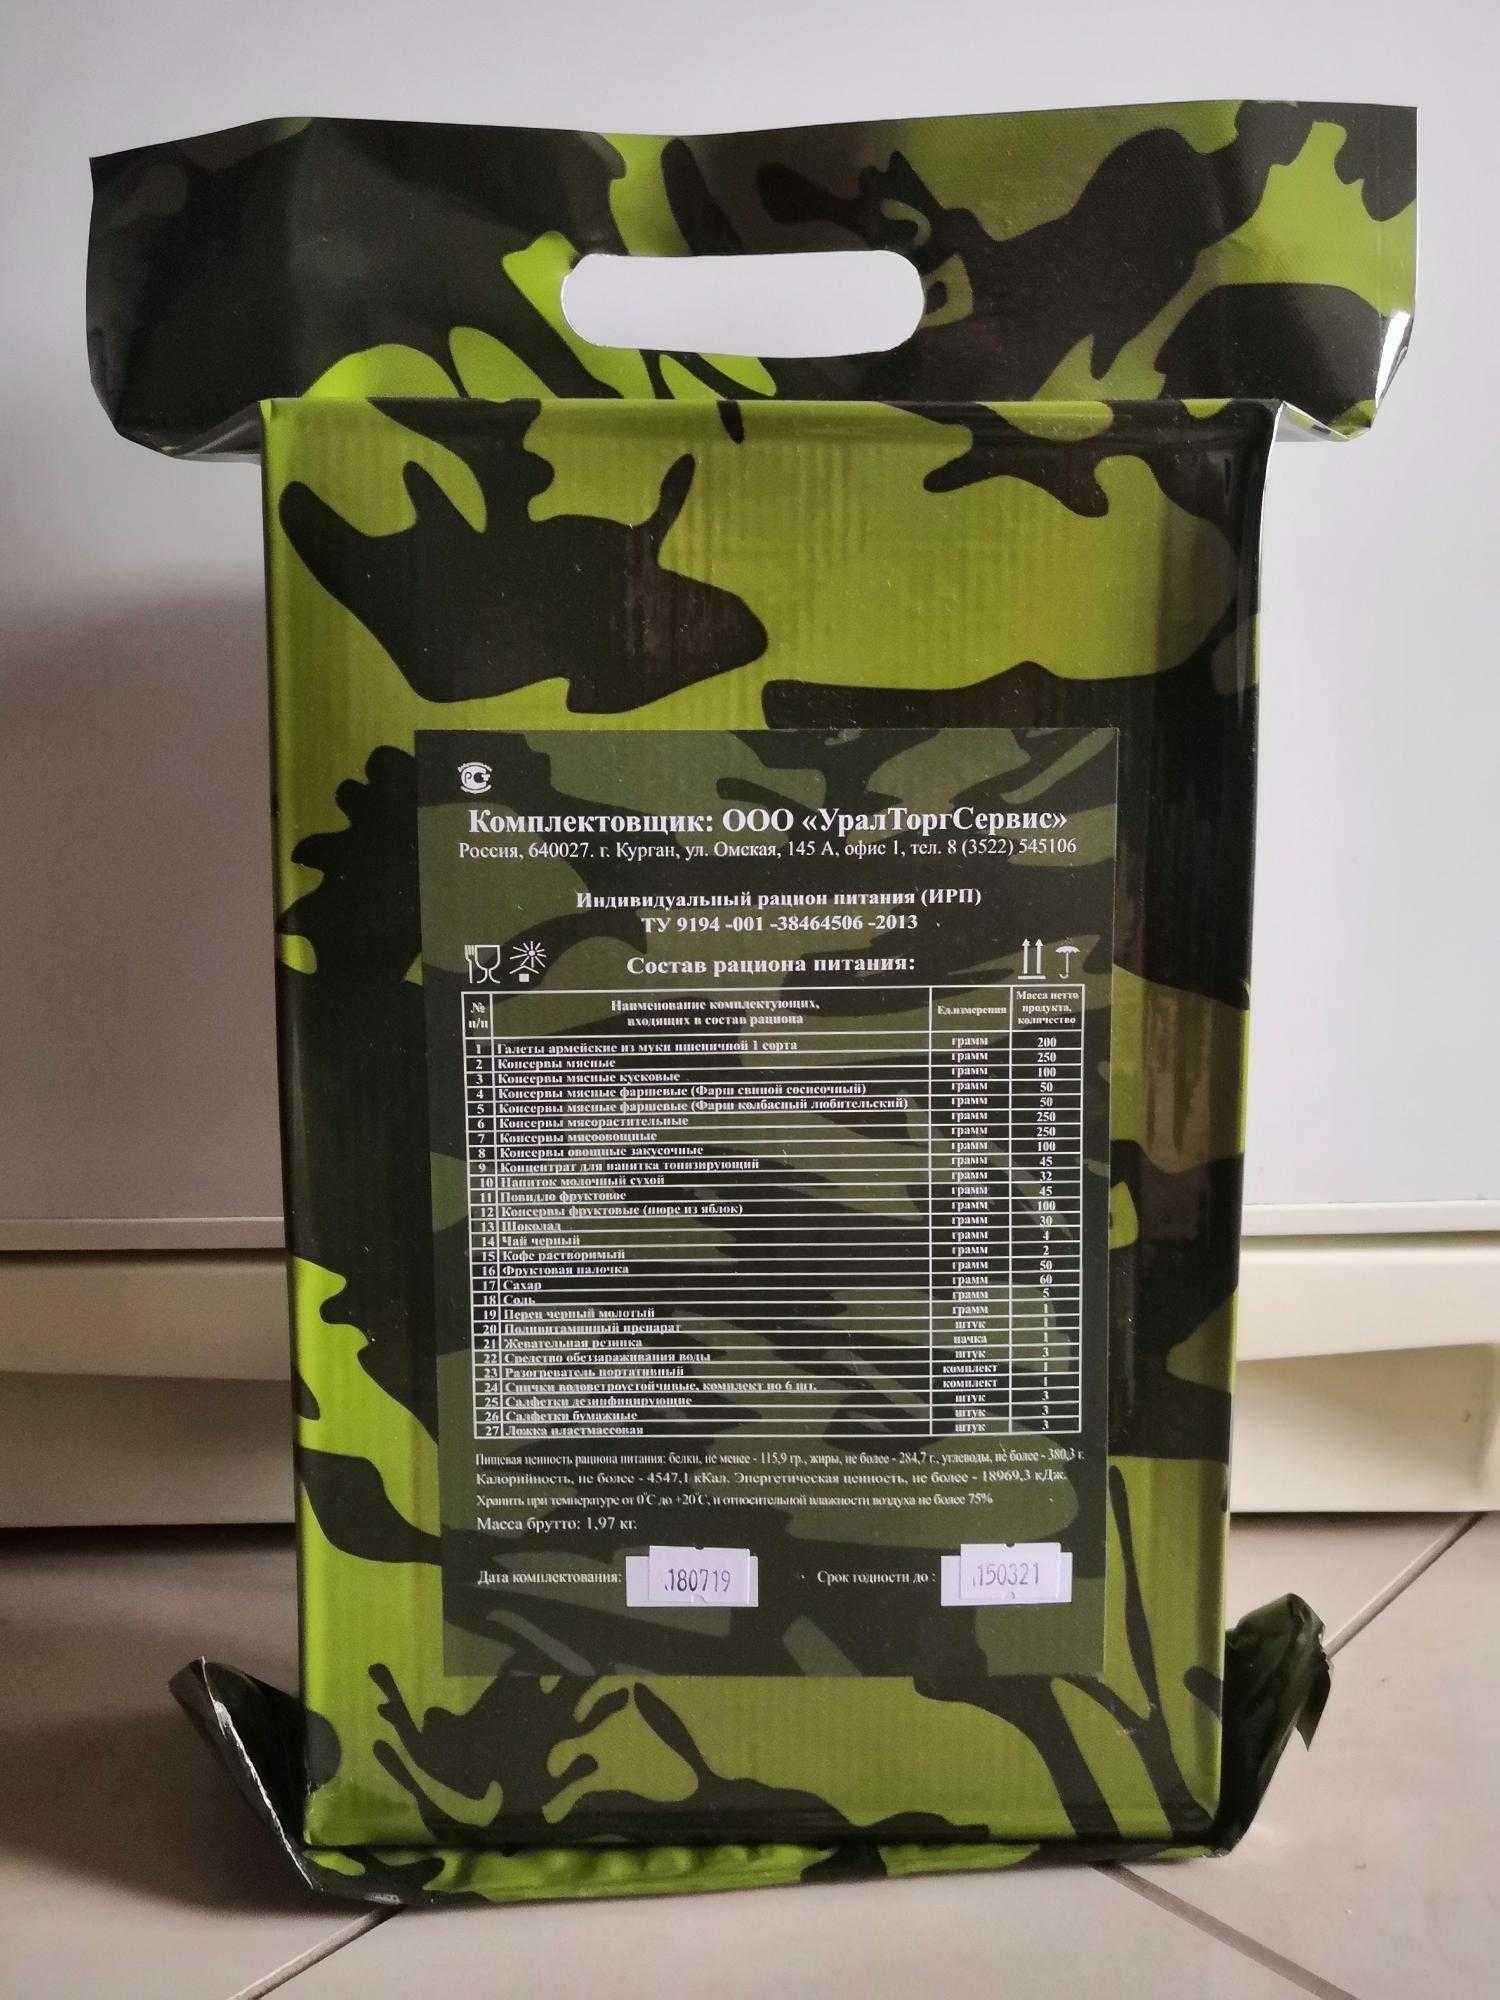 Армейский рацион питания в Москве 89164297347 купить 1